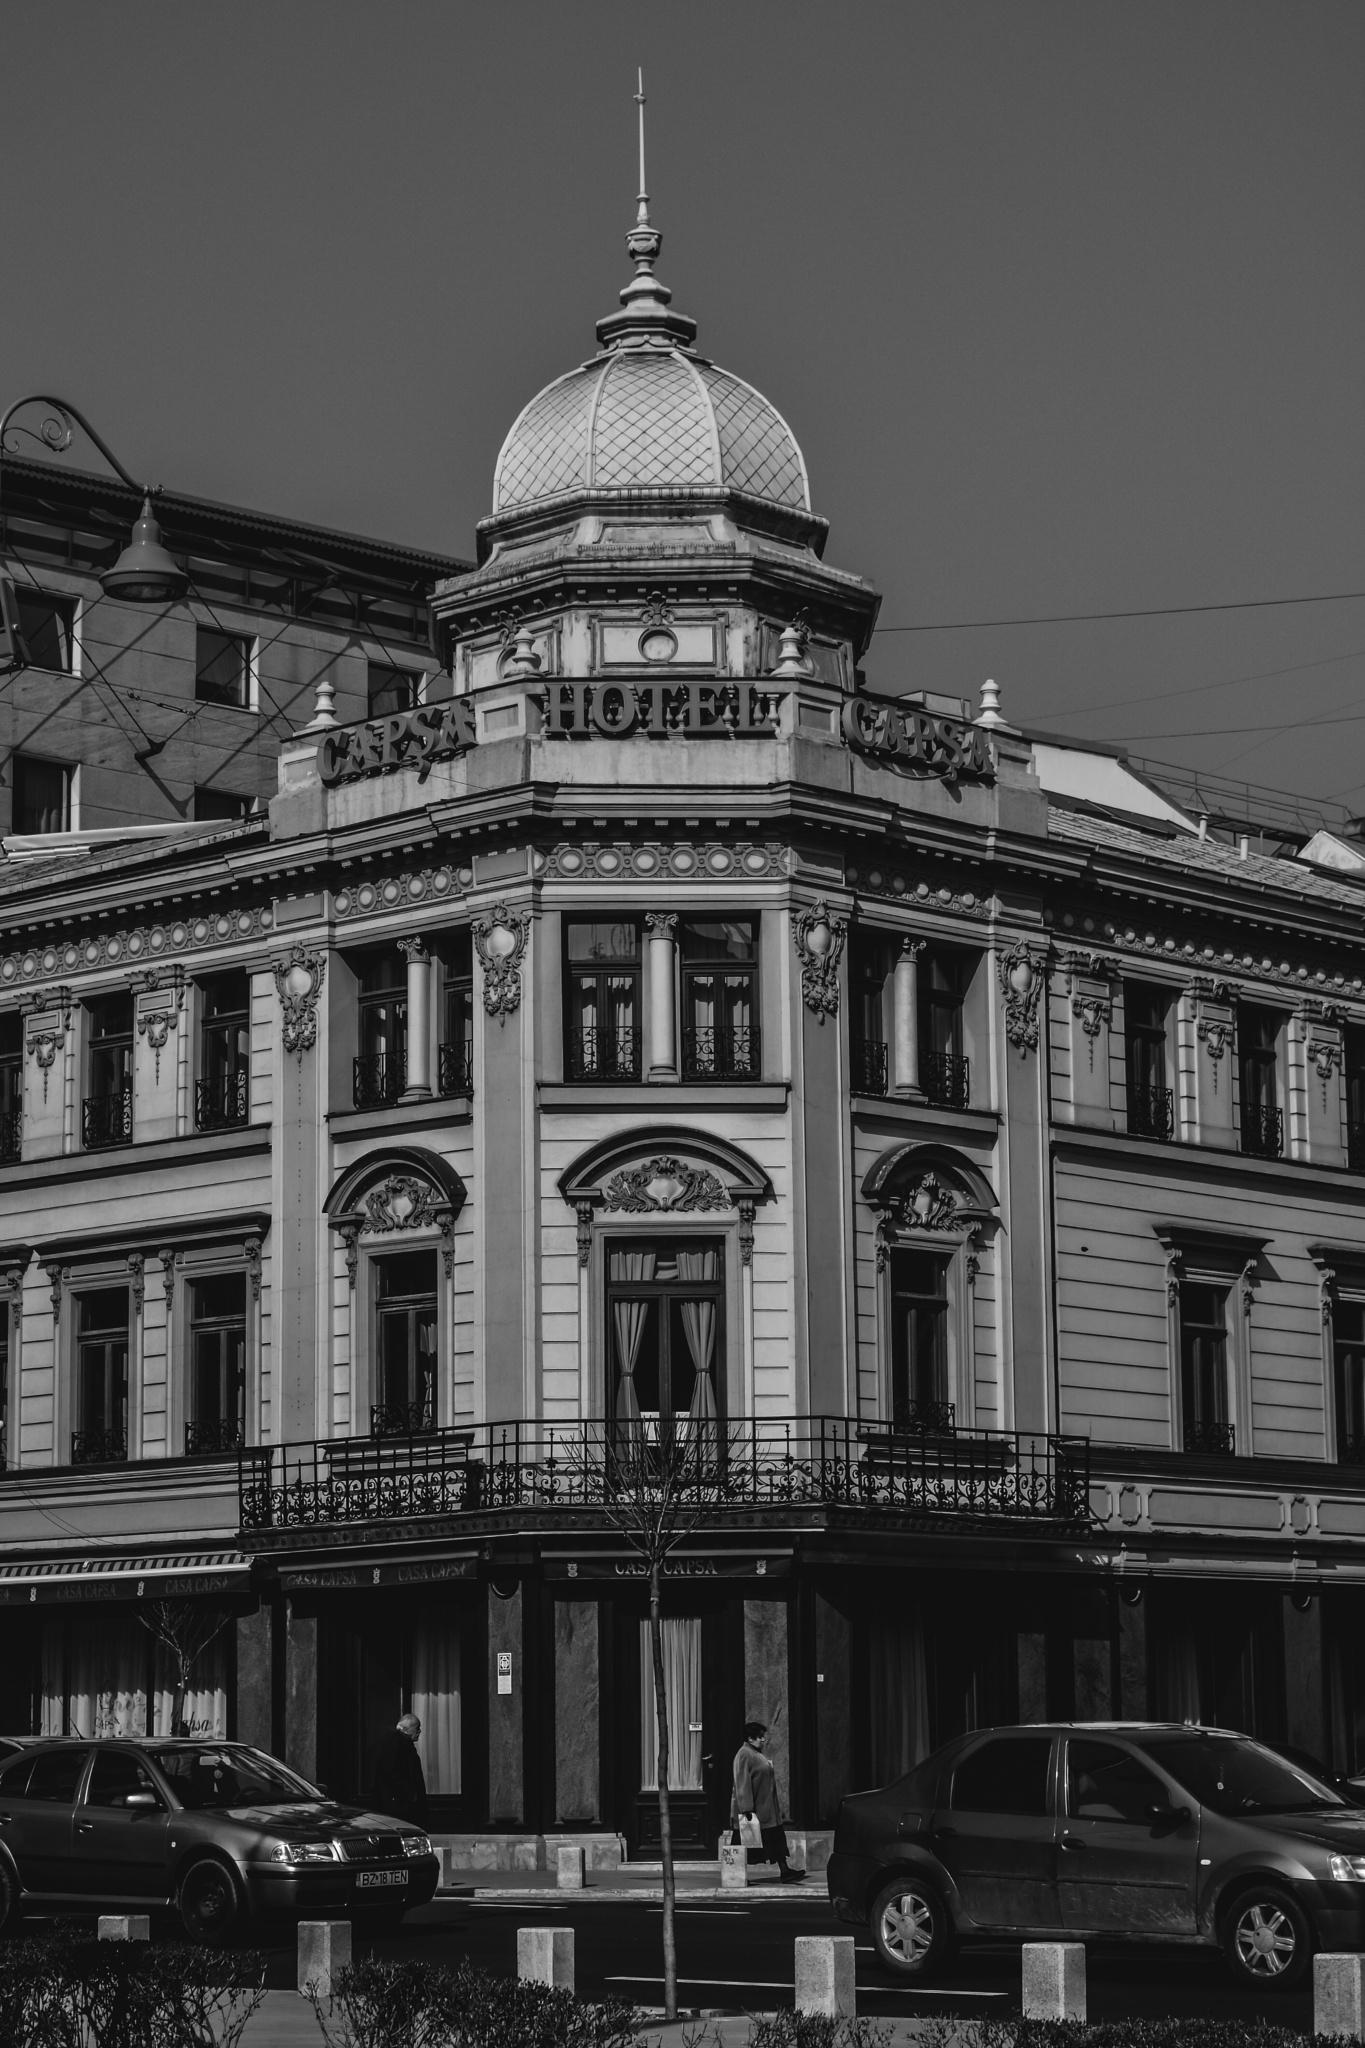 Capsa Hotel in Bucharest by Anariato